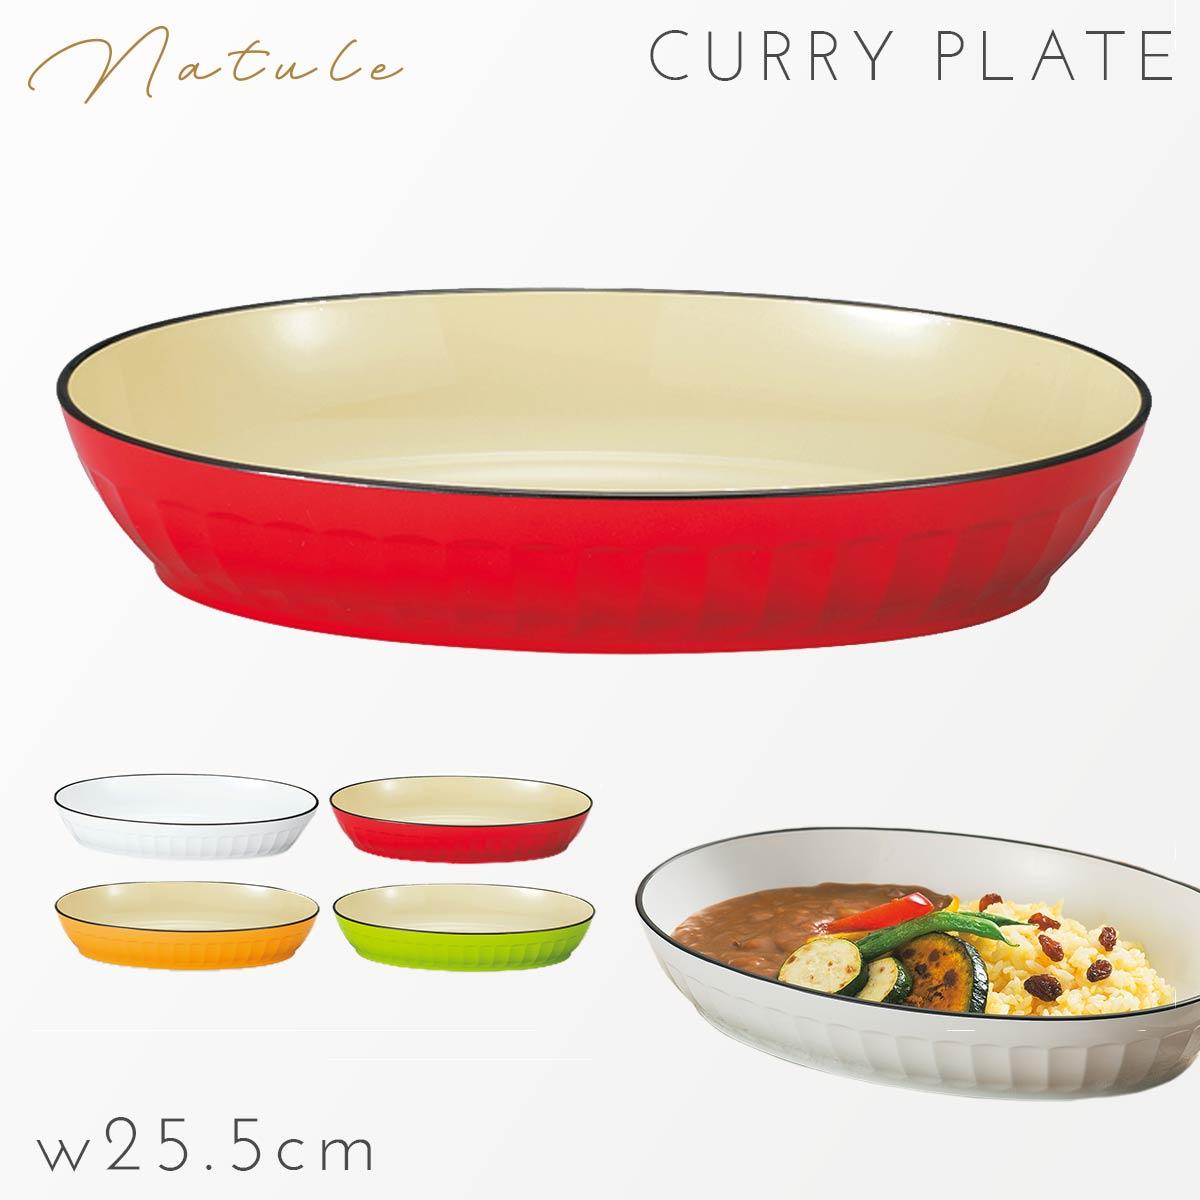 カレー皿 オーバルプレート プレート 皿 大皿 カラフル プラスチック 日本製 割れない 食洗機対応 食洗器対応 電子レンジ対応 グルーブオーバルプレート ナチュール アウトドア キャンプ ピクニック